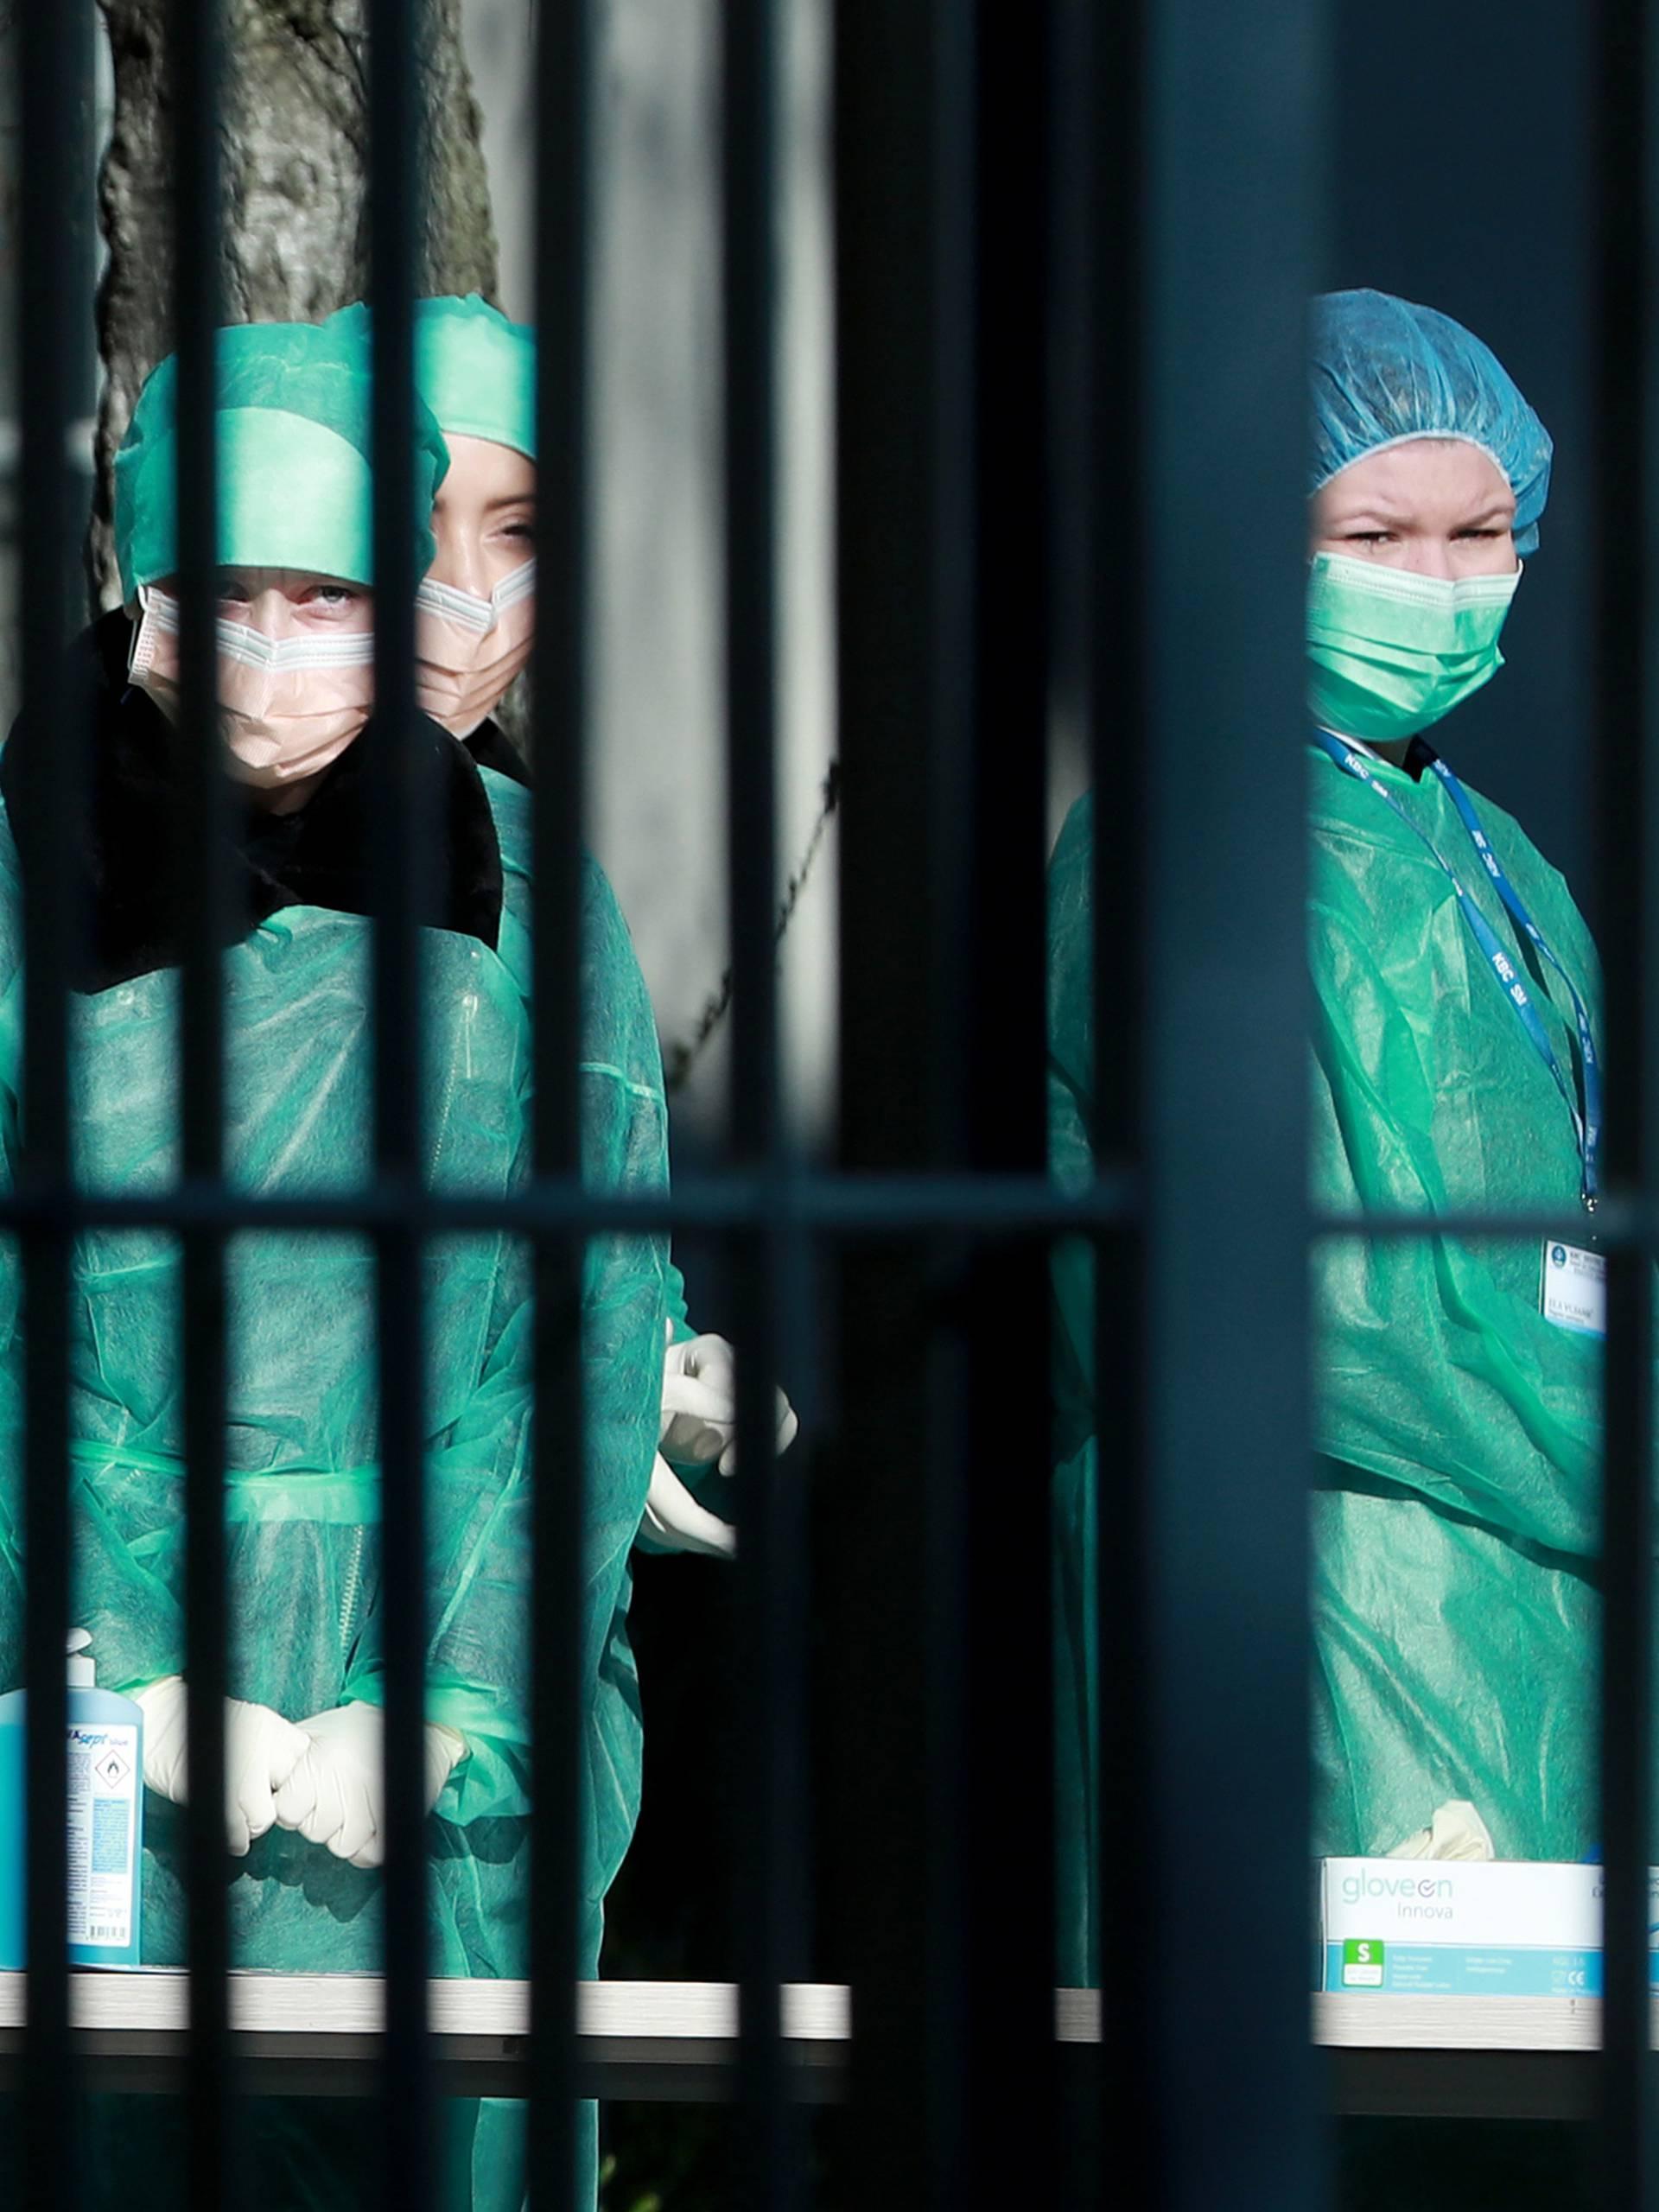 Virus u bolnicama: Više od 300 djelatnika je u samoizolaciji